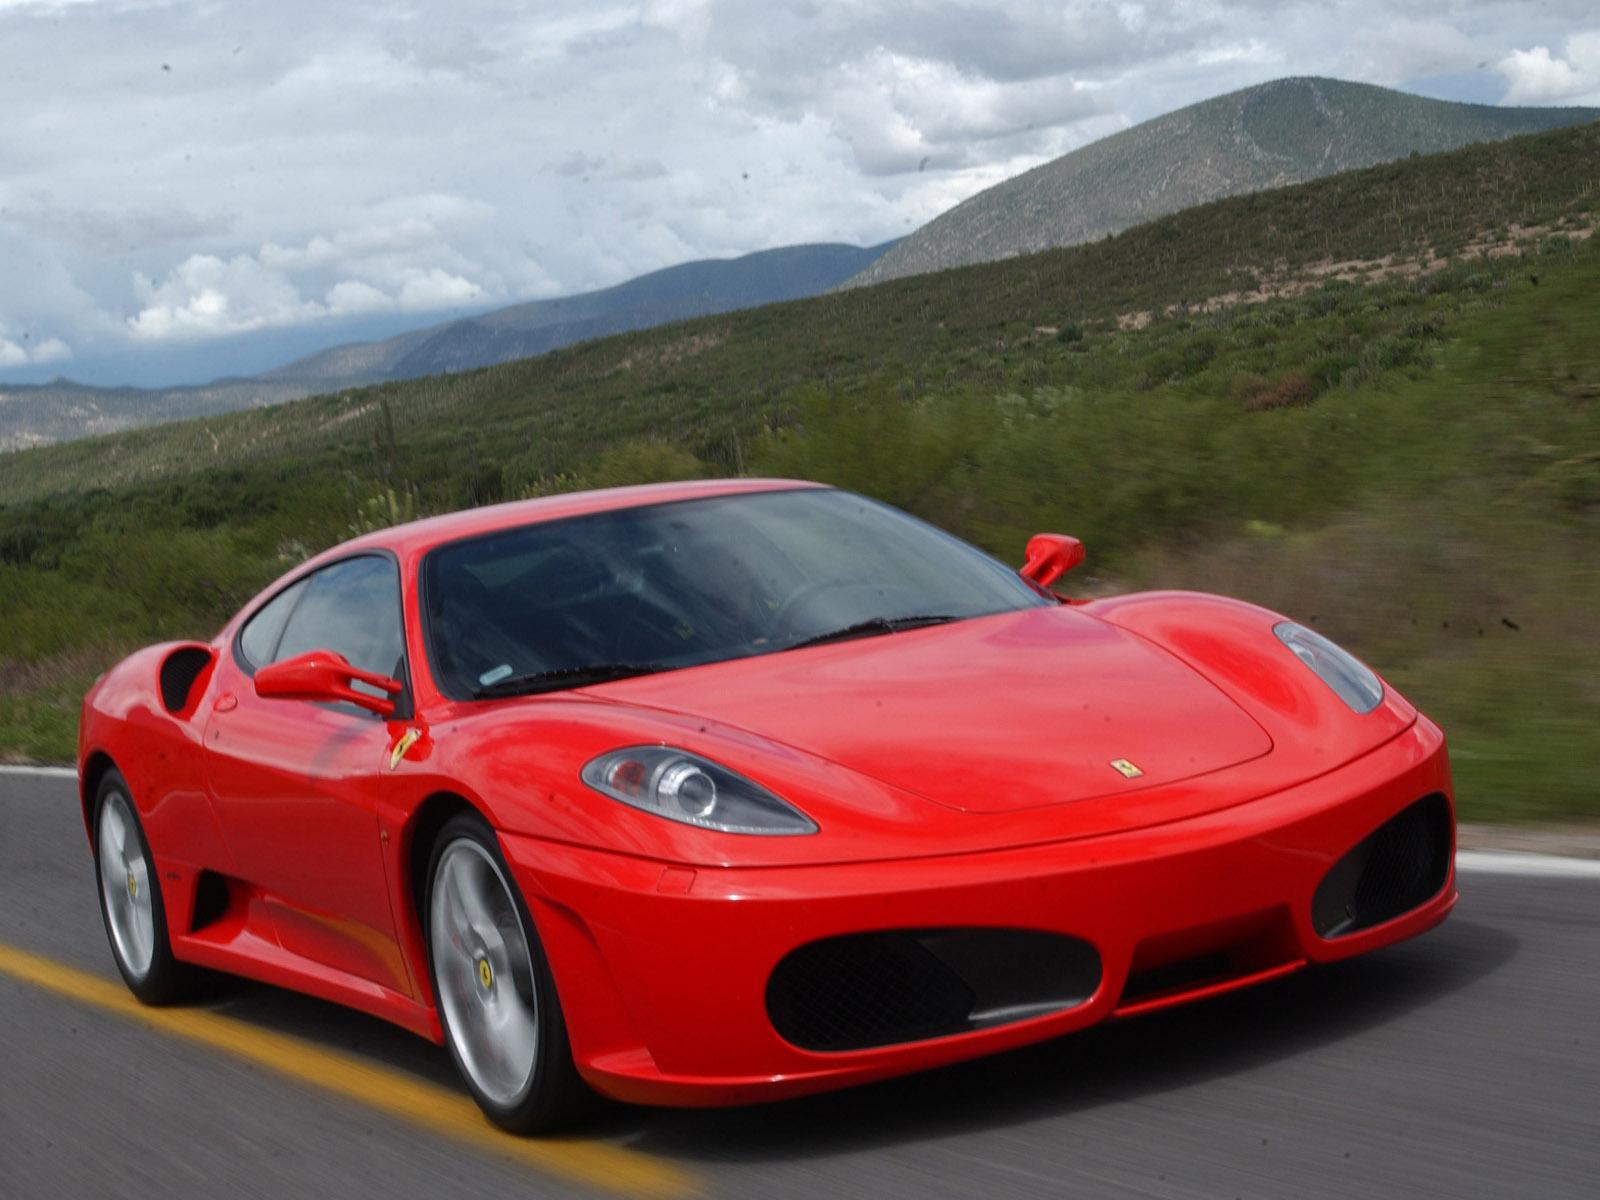 Carros Fotos Carros Ferrari